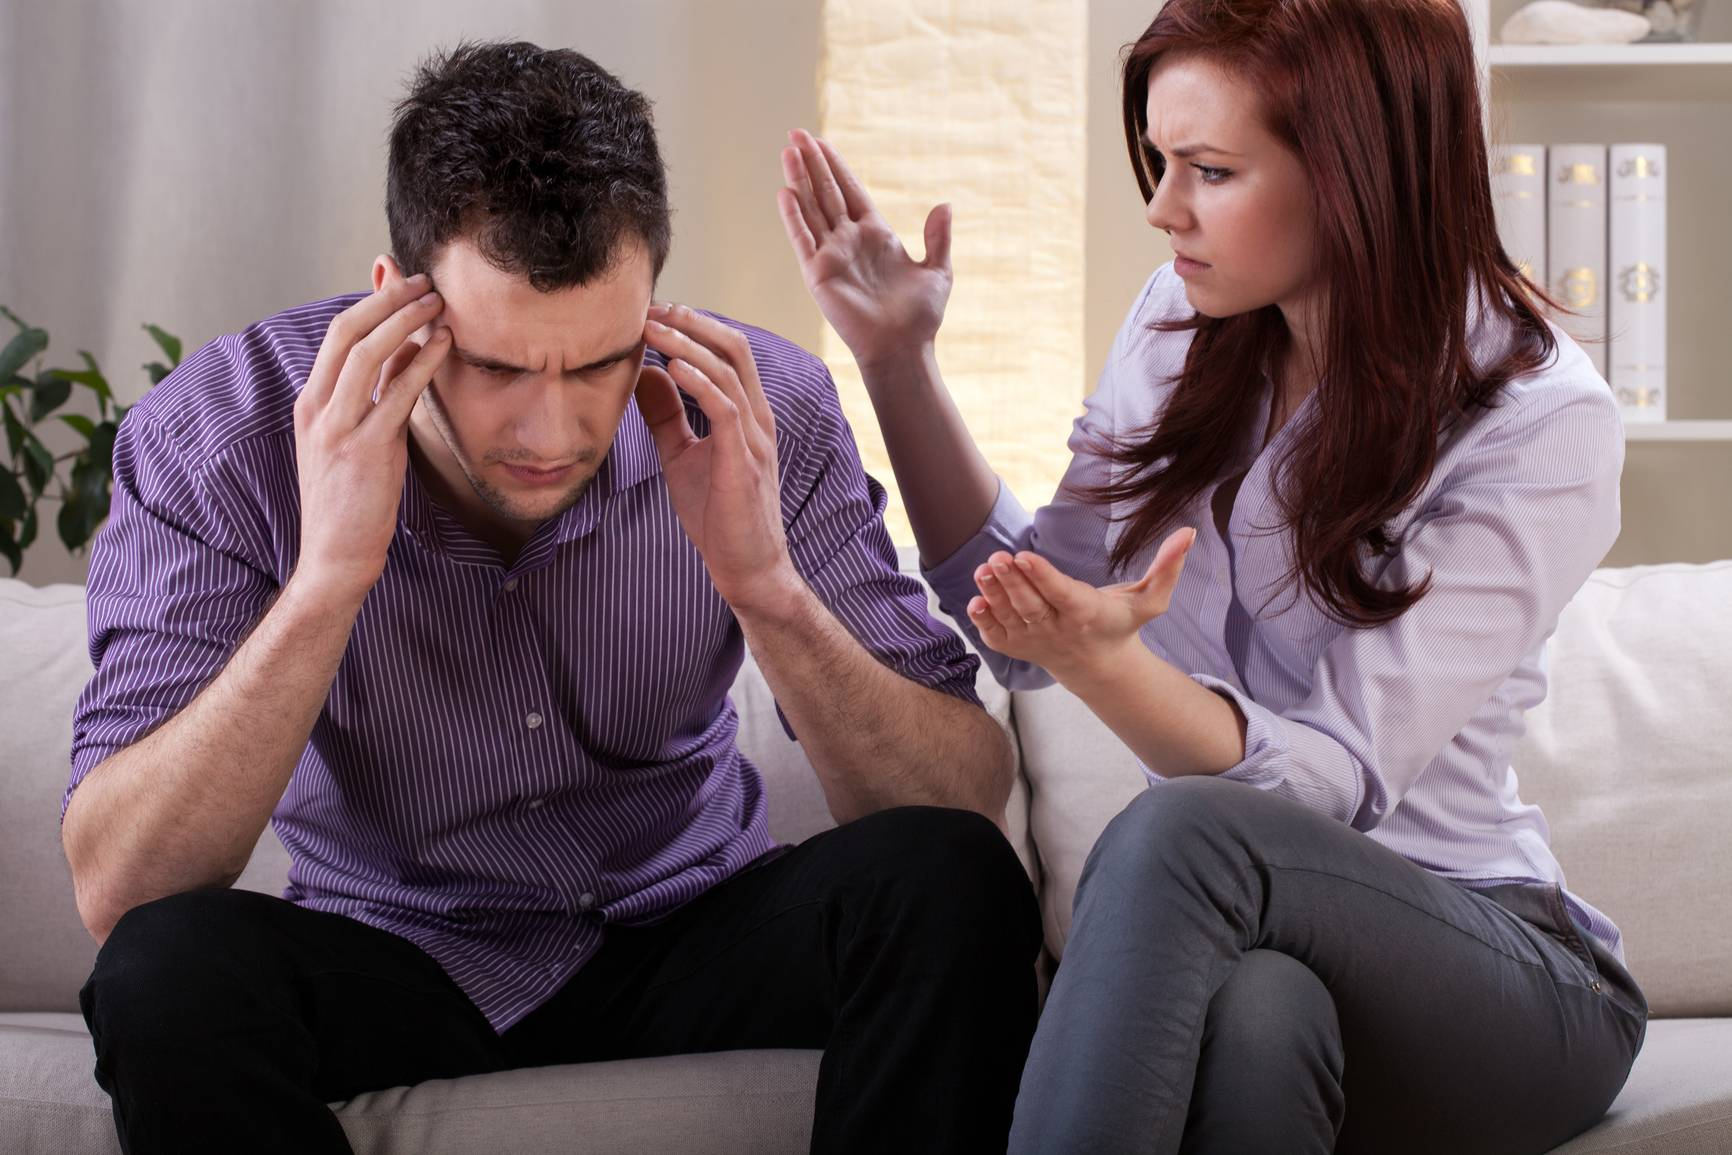 Постоянно ссоримся с парнем — 16 советов что делать чтобы не ругаться